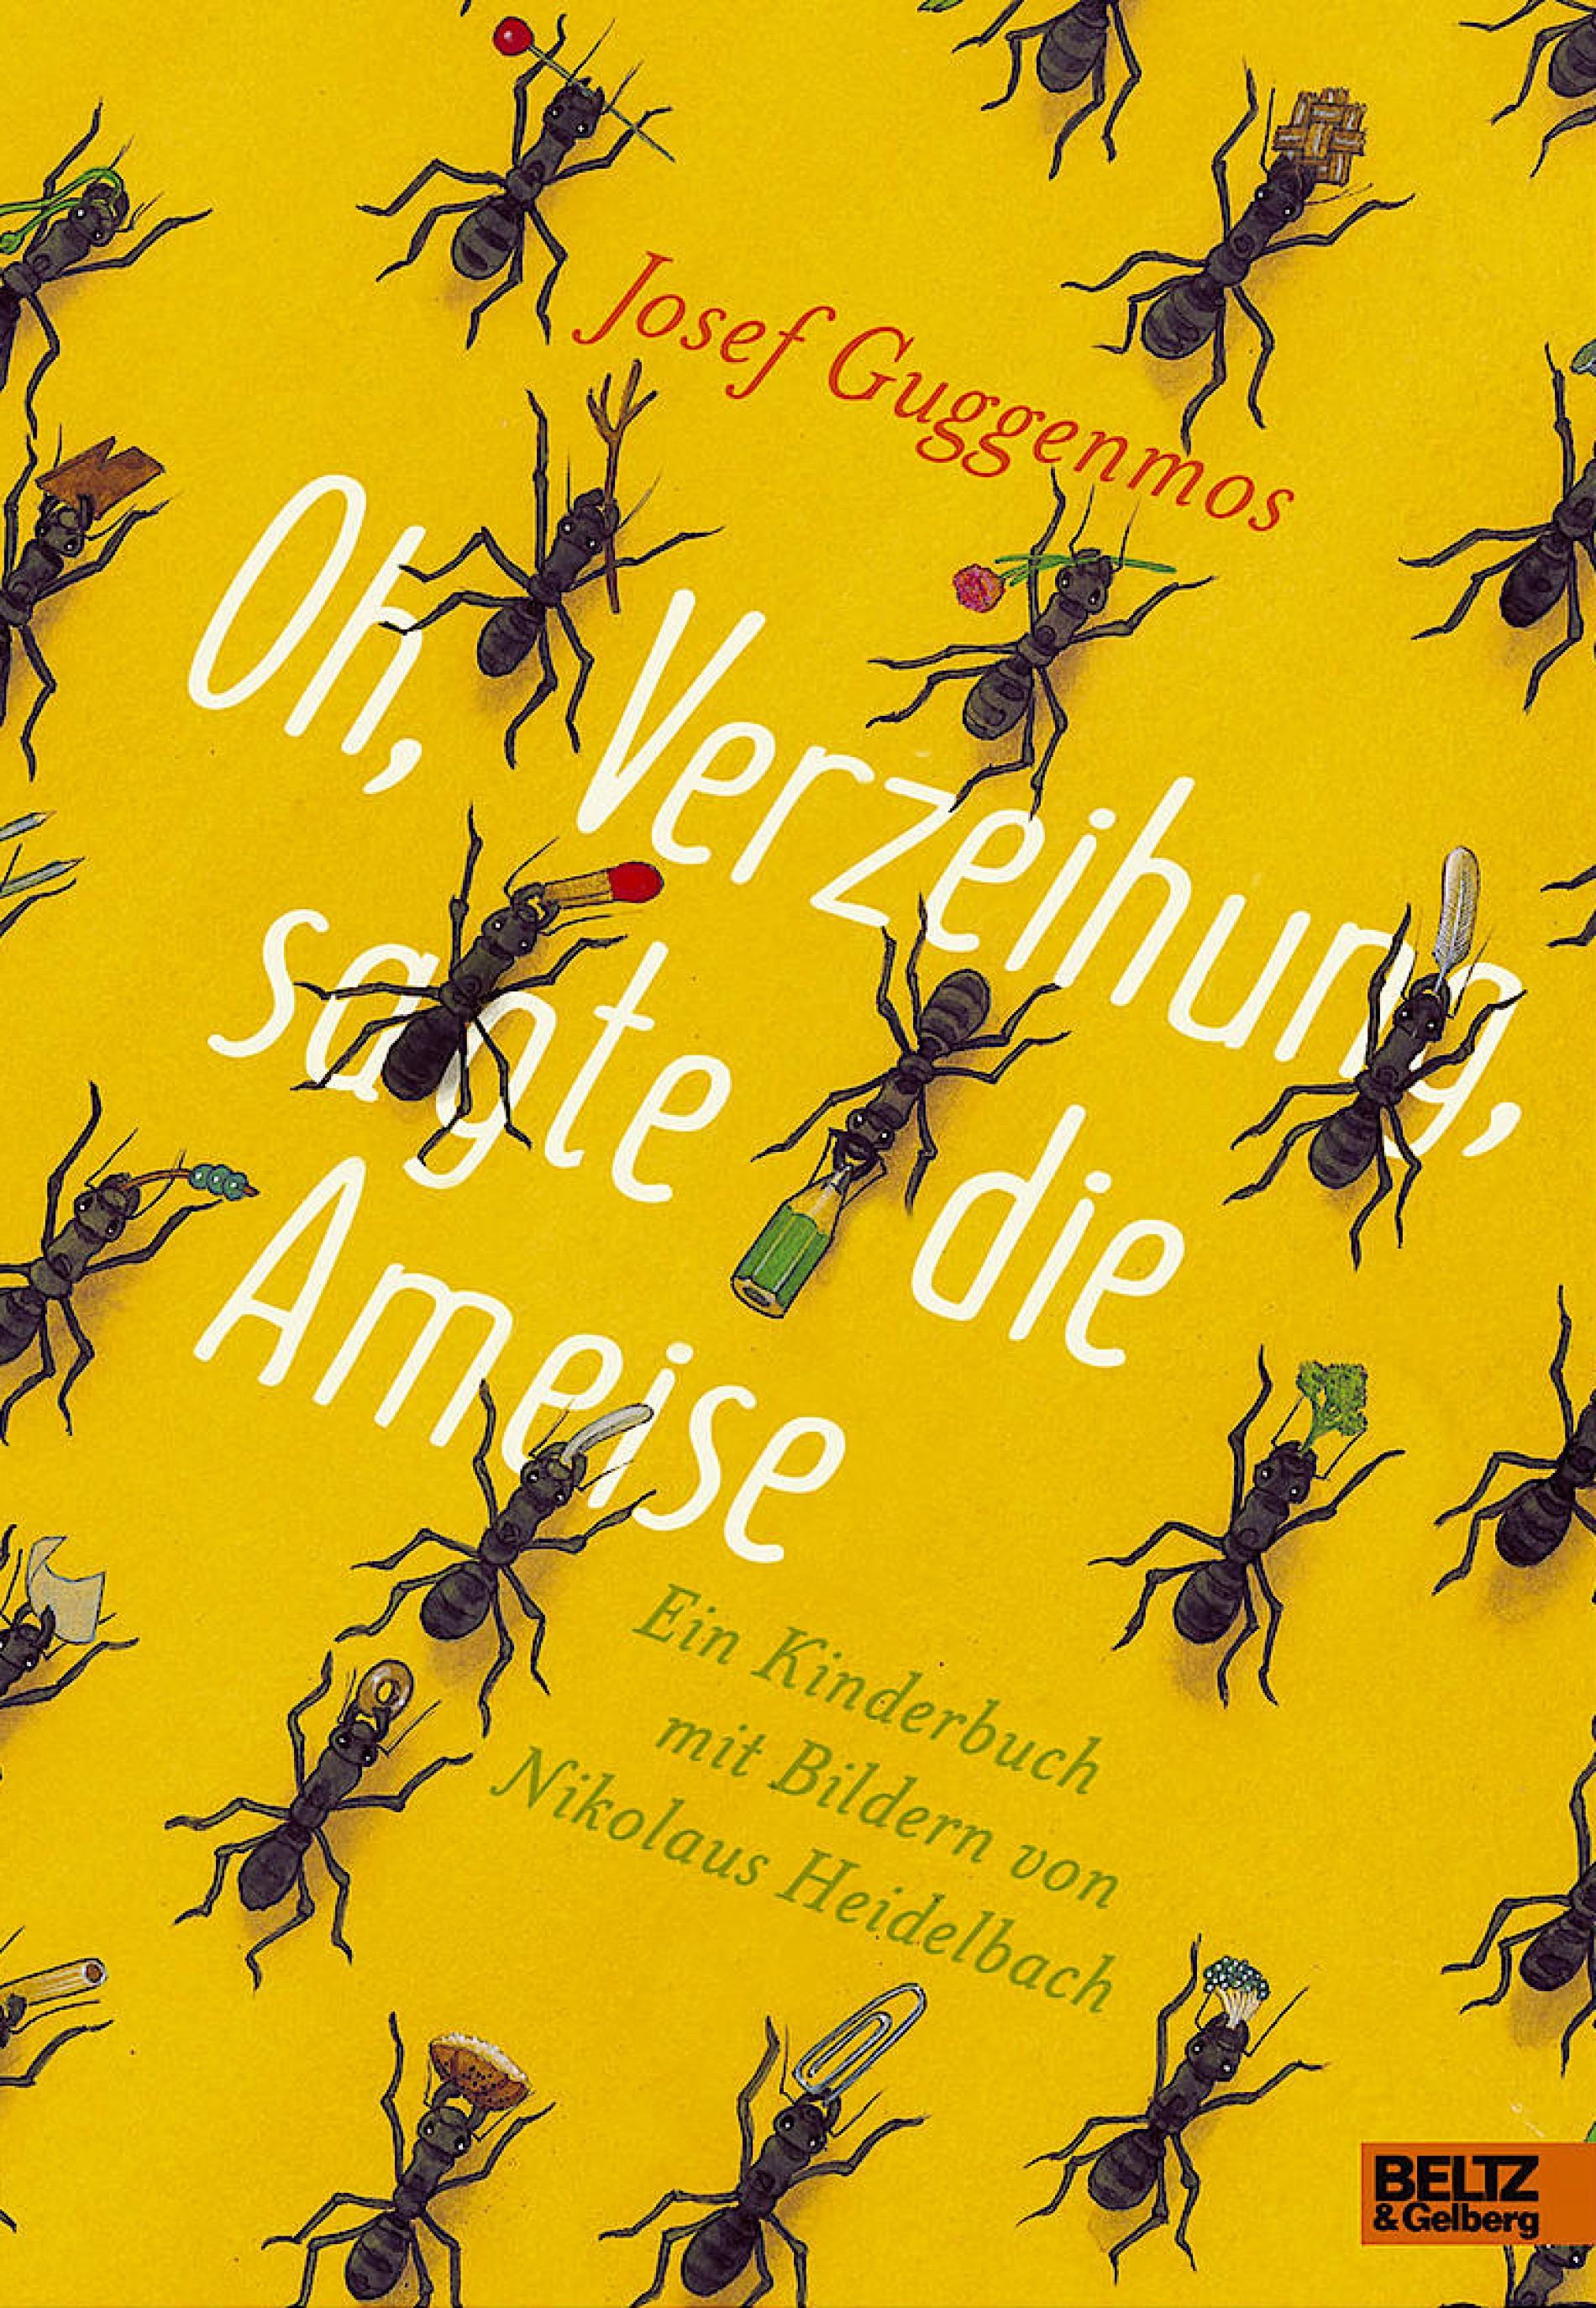 Nikolaus Heidelbach Illustriert Gedichte Von Josef Guggenmos